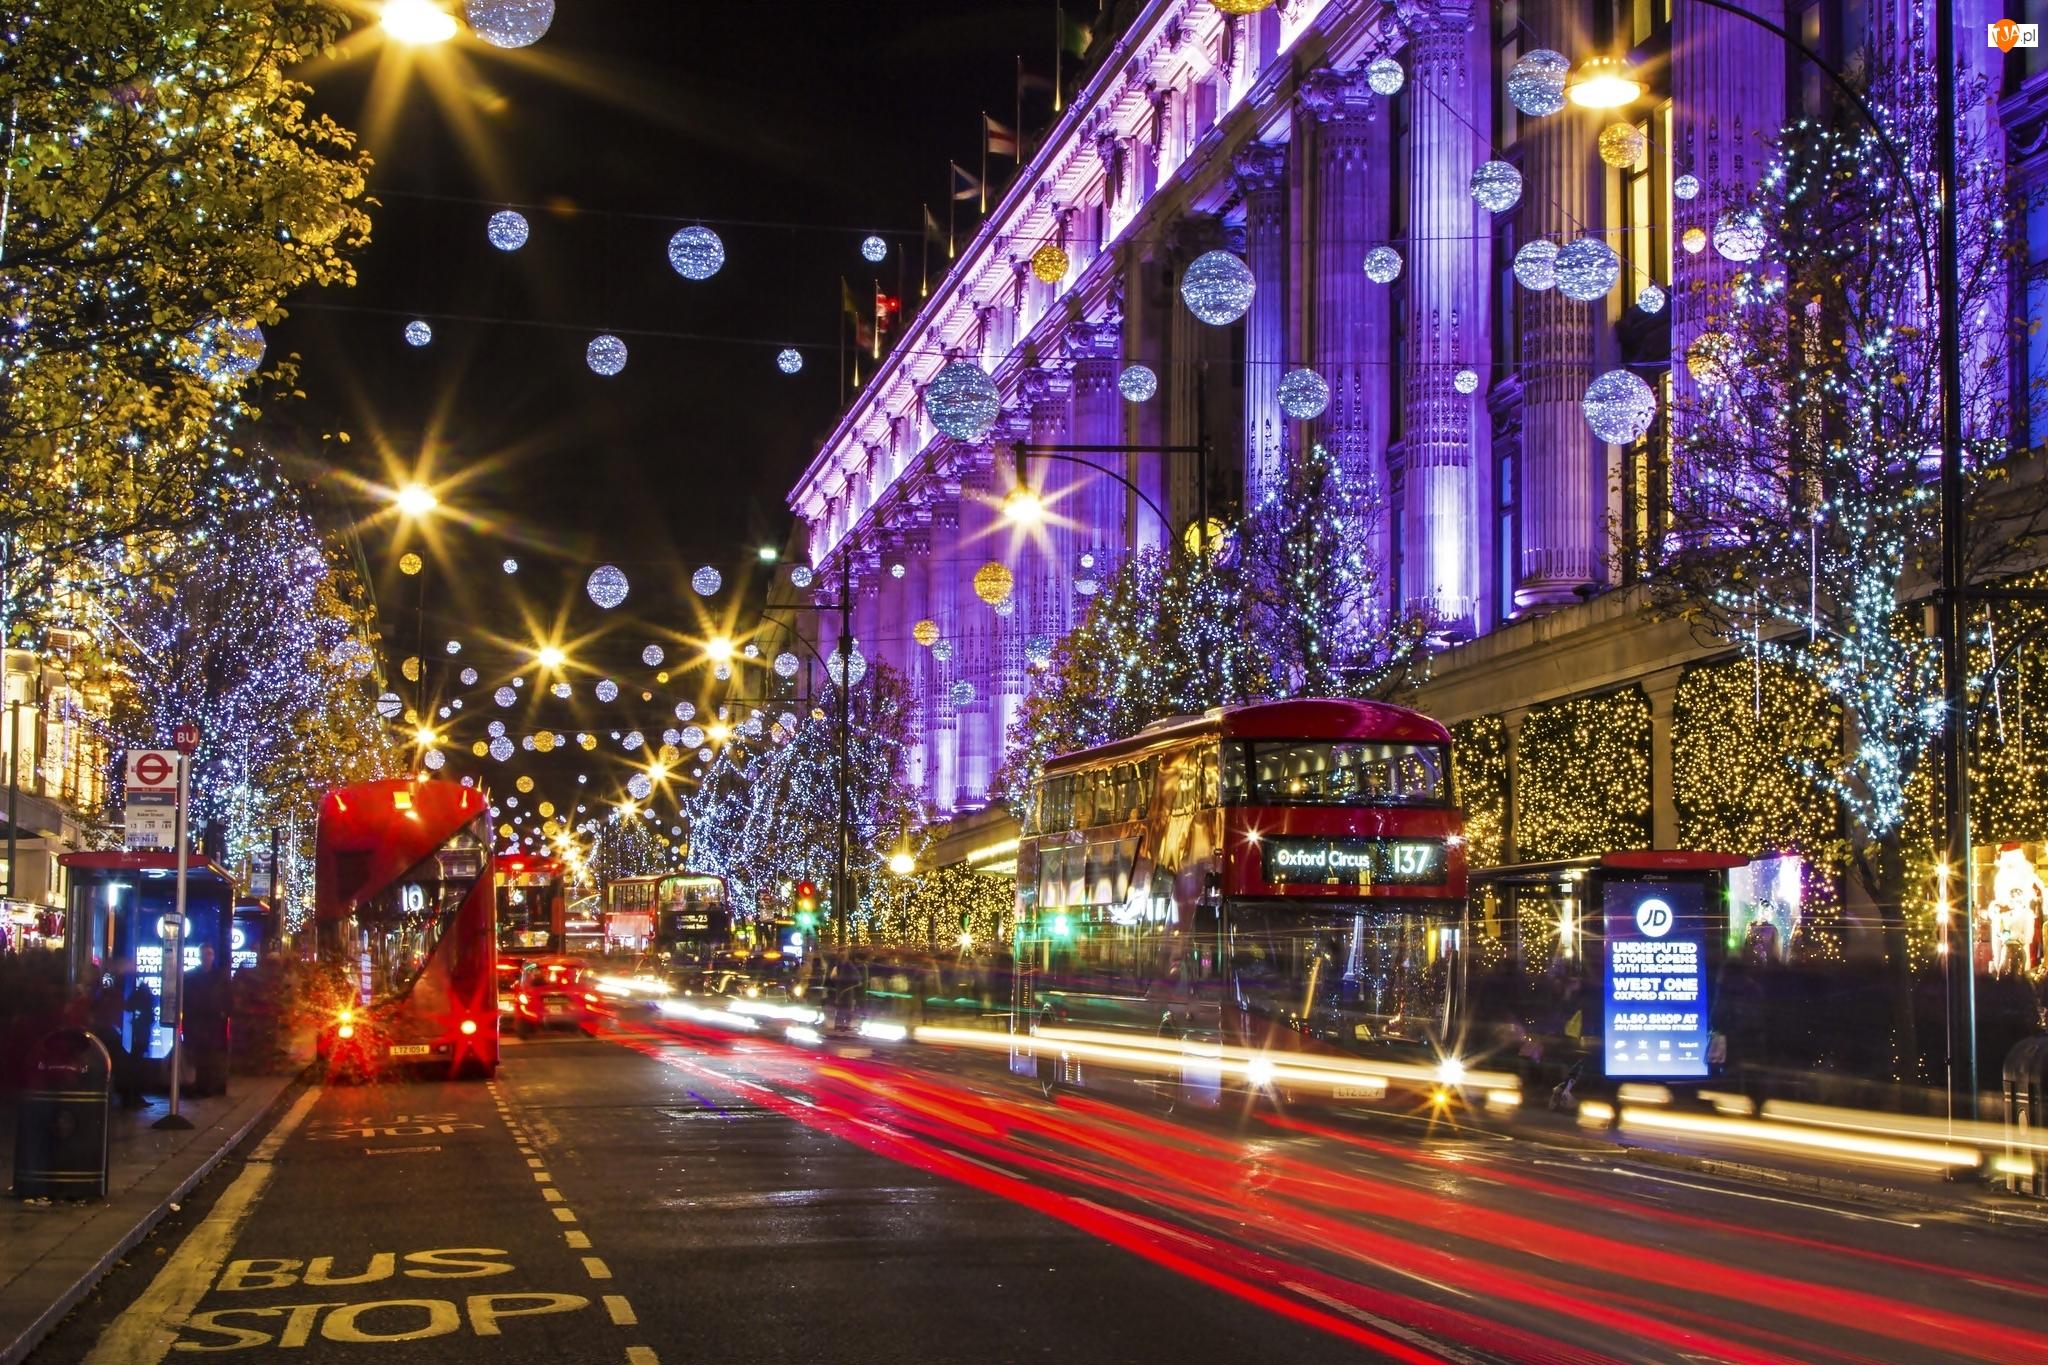 Noc, Londyn, Samochody, Świątecznie, Oświetlenie